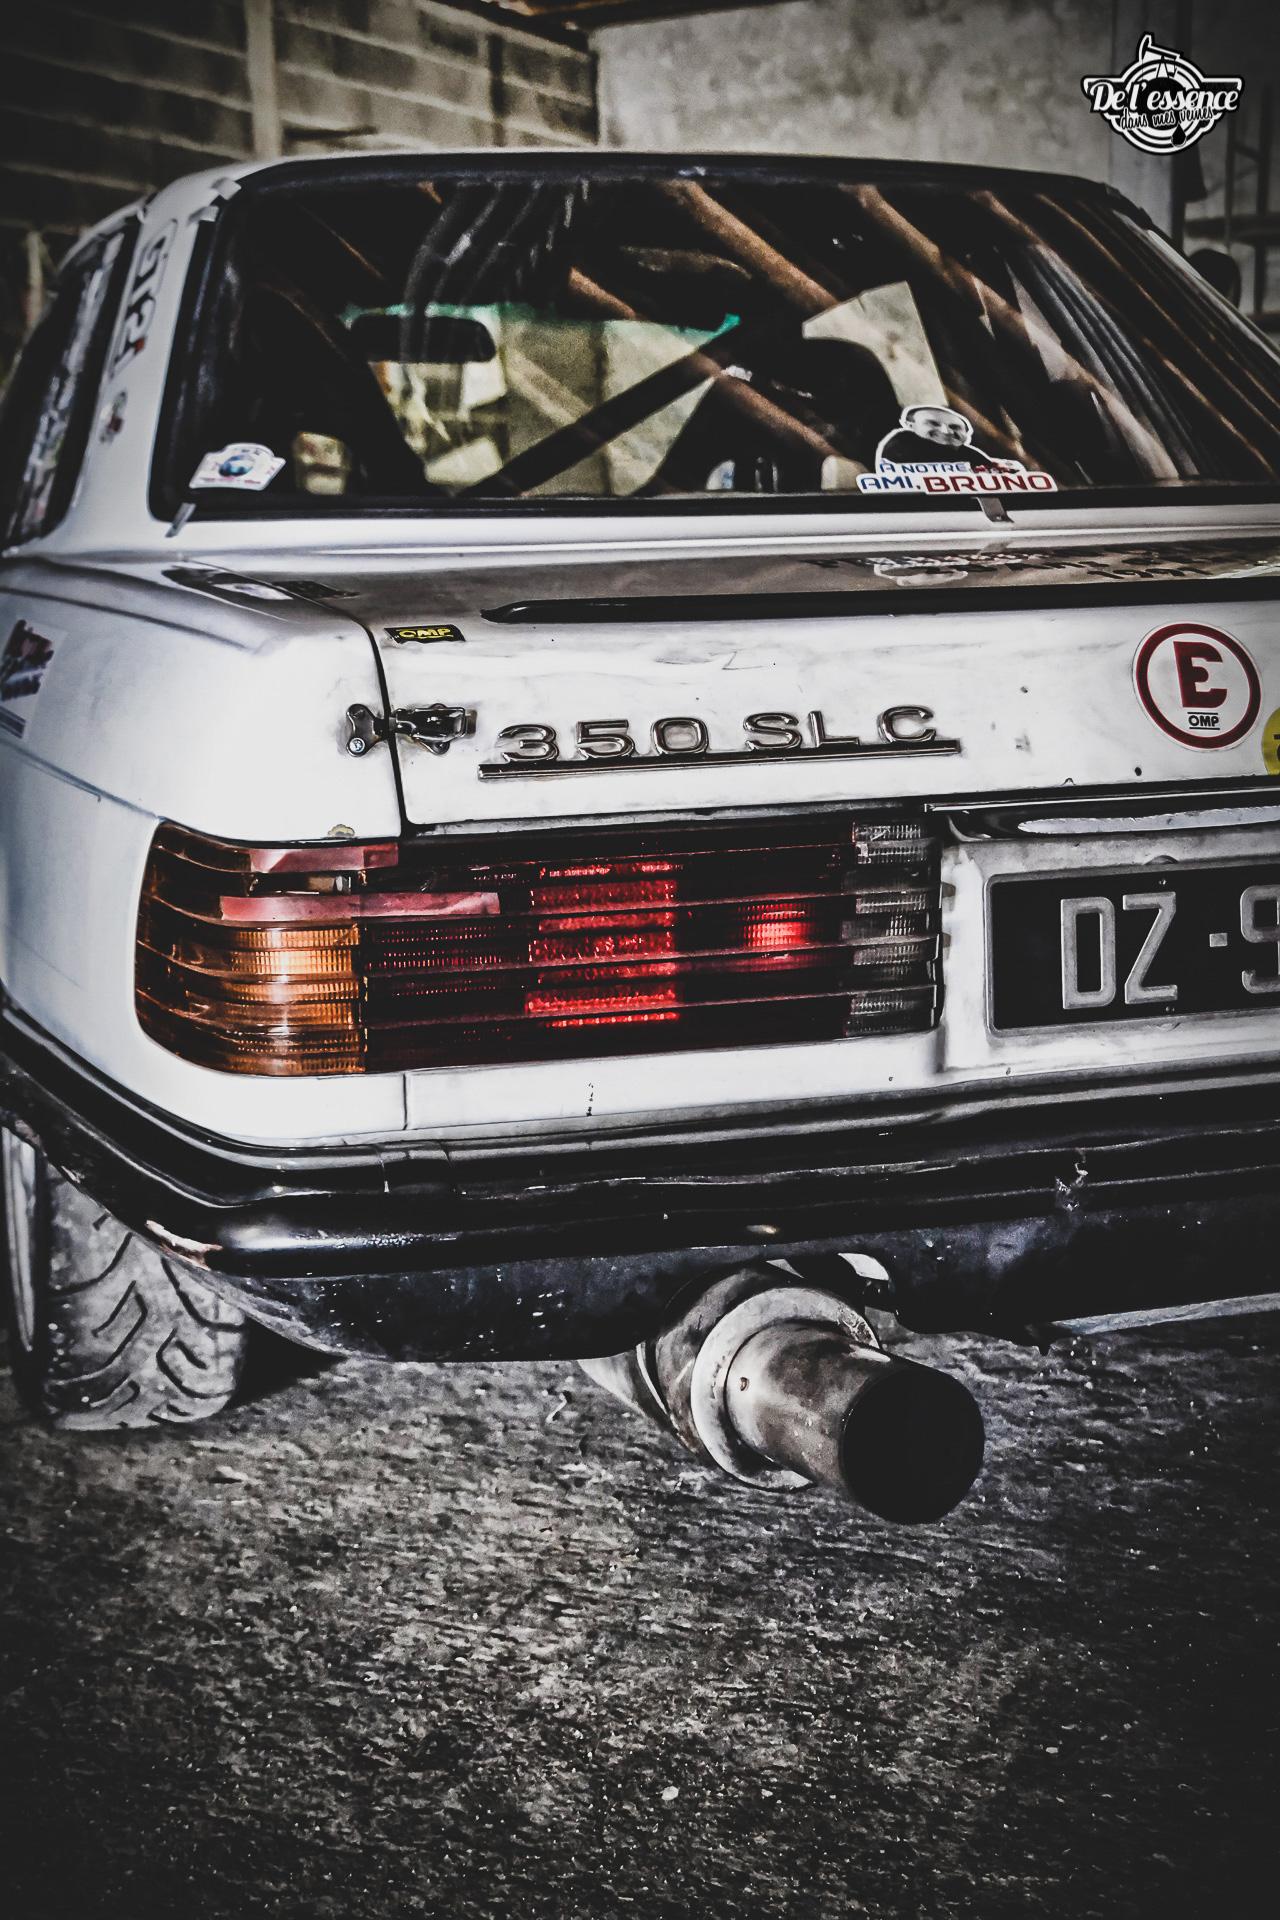 '73 Mercedes 350 SLC - Un tour à la montagne... 8